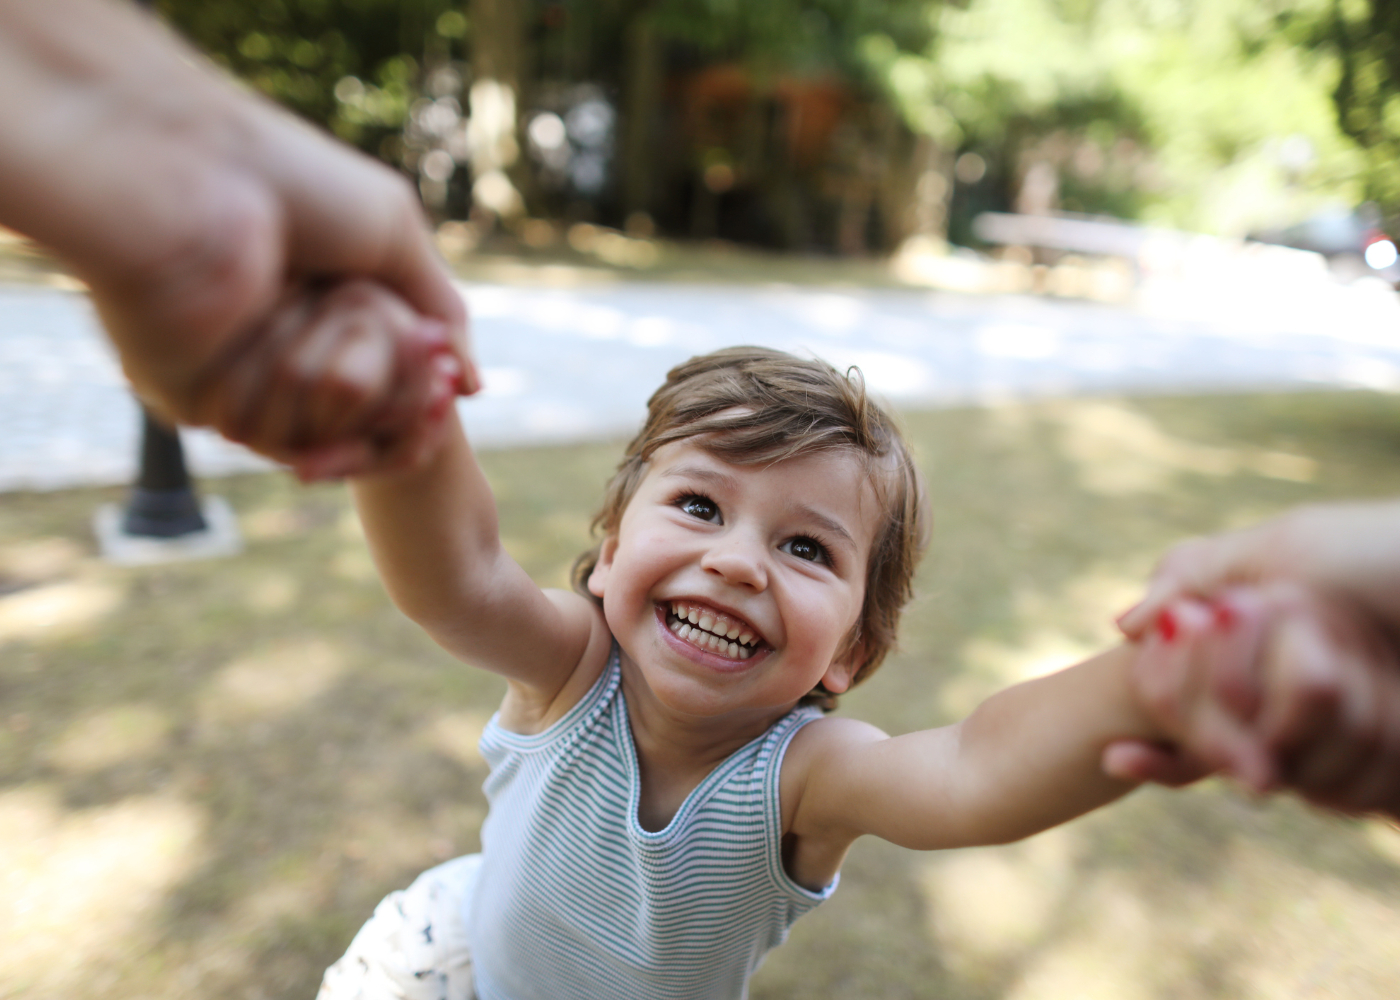 criança a brincar no parque